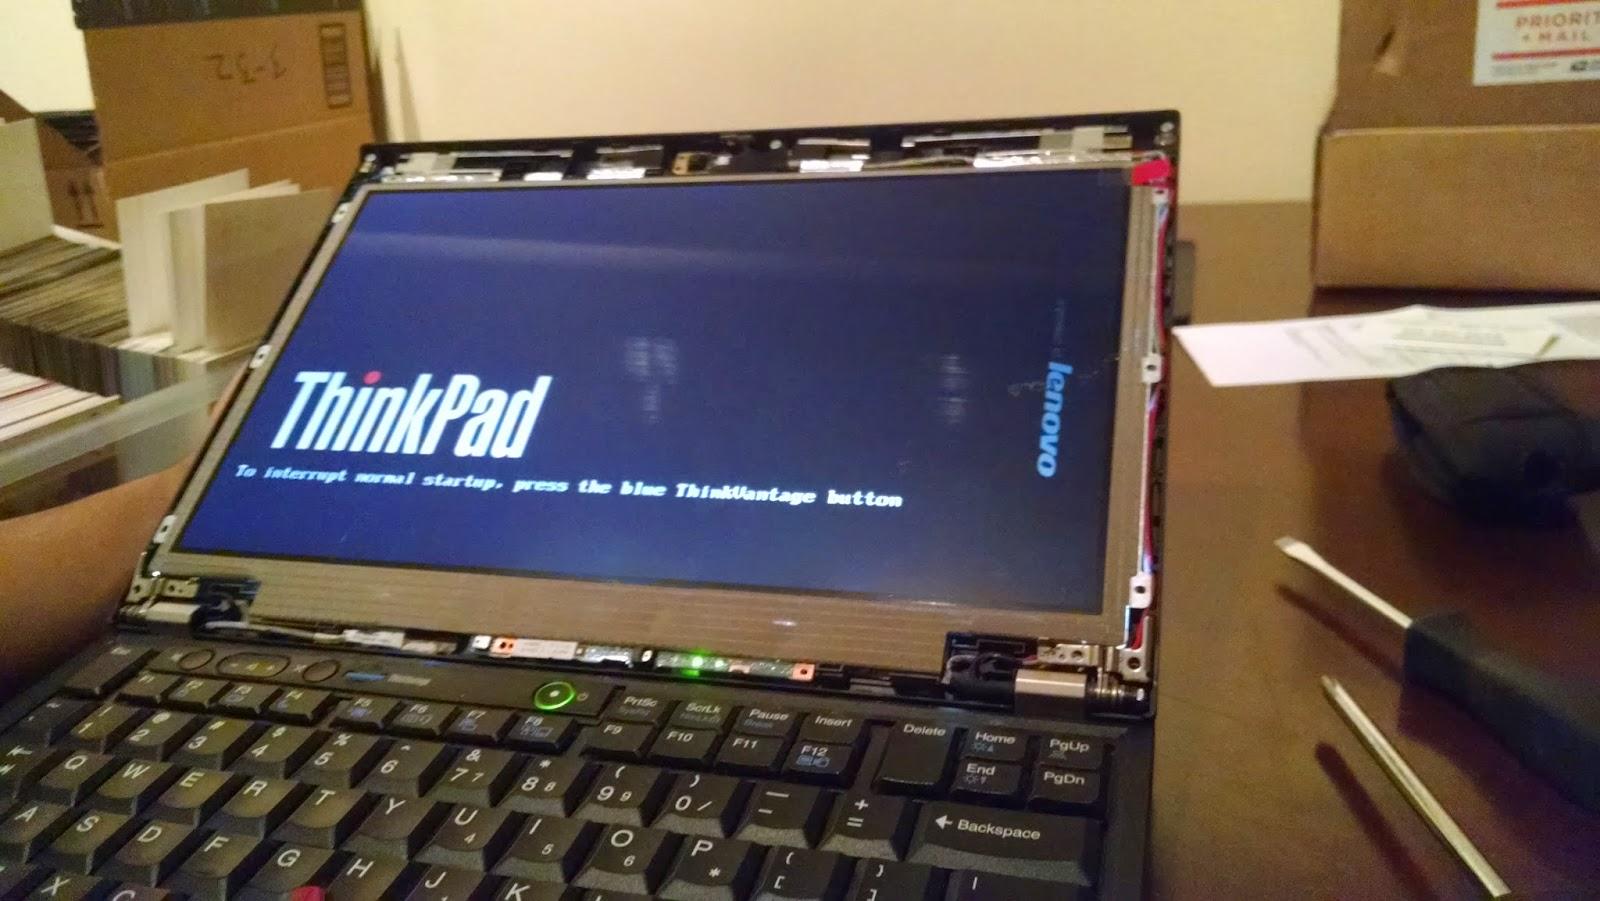 X220 Ips Display